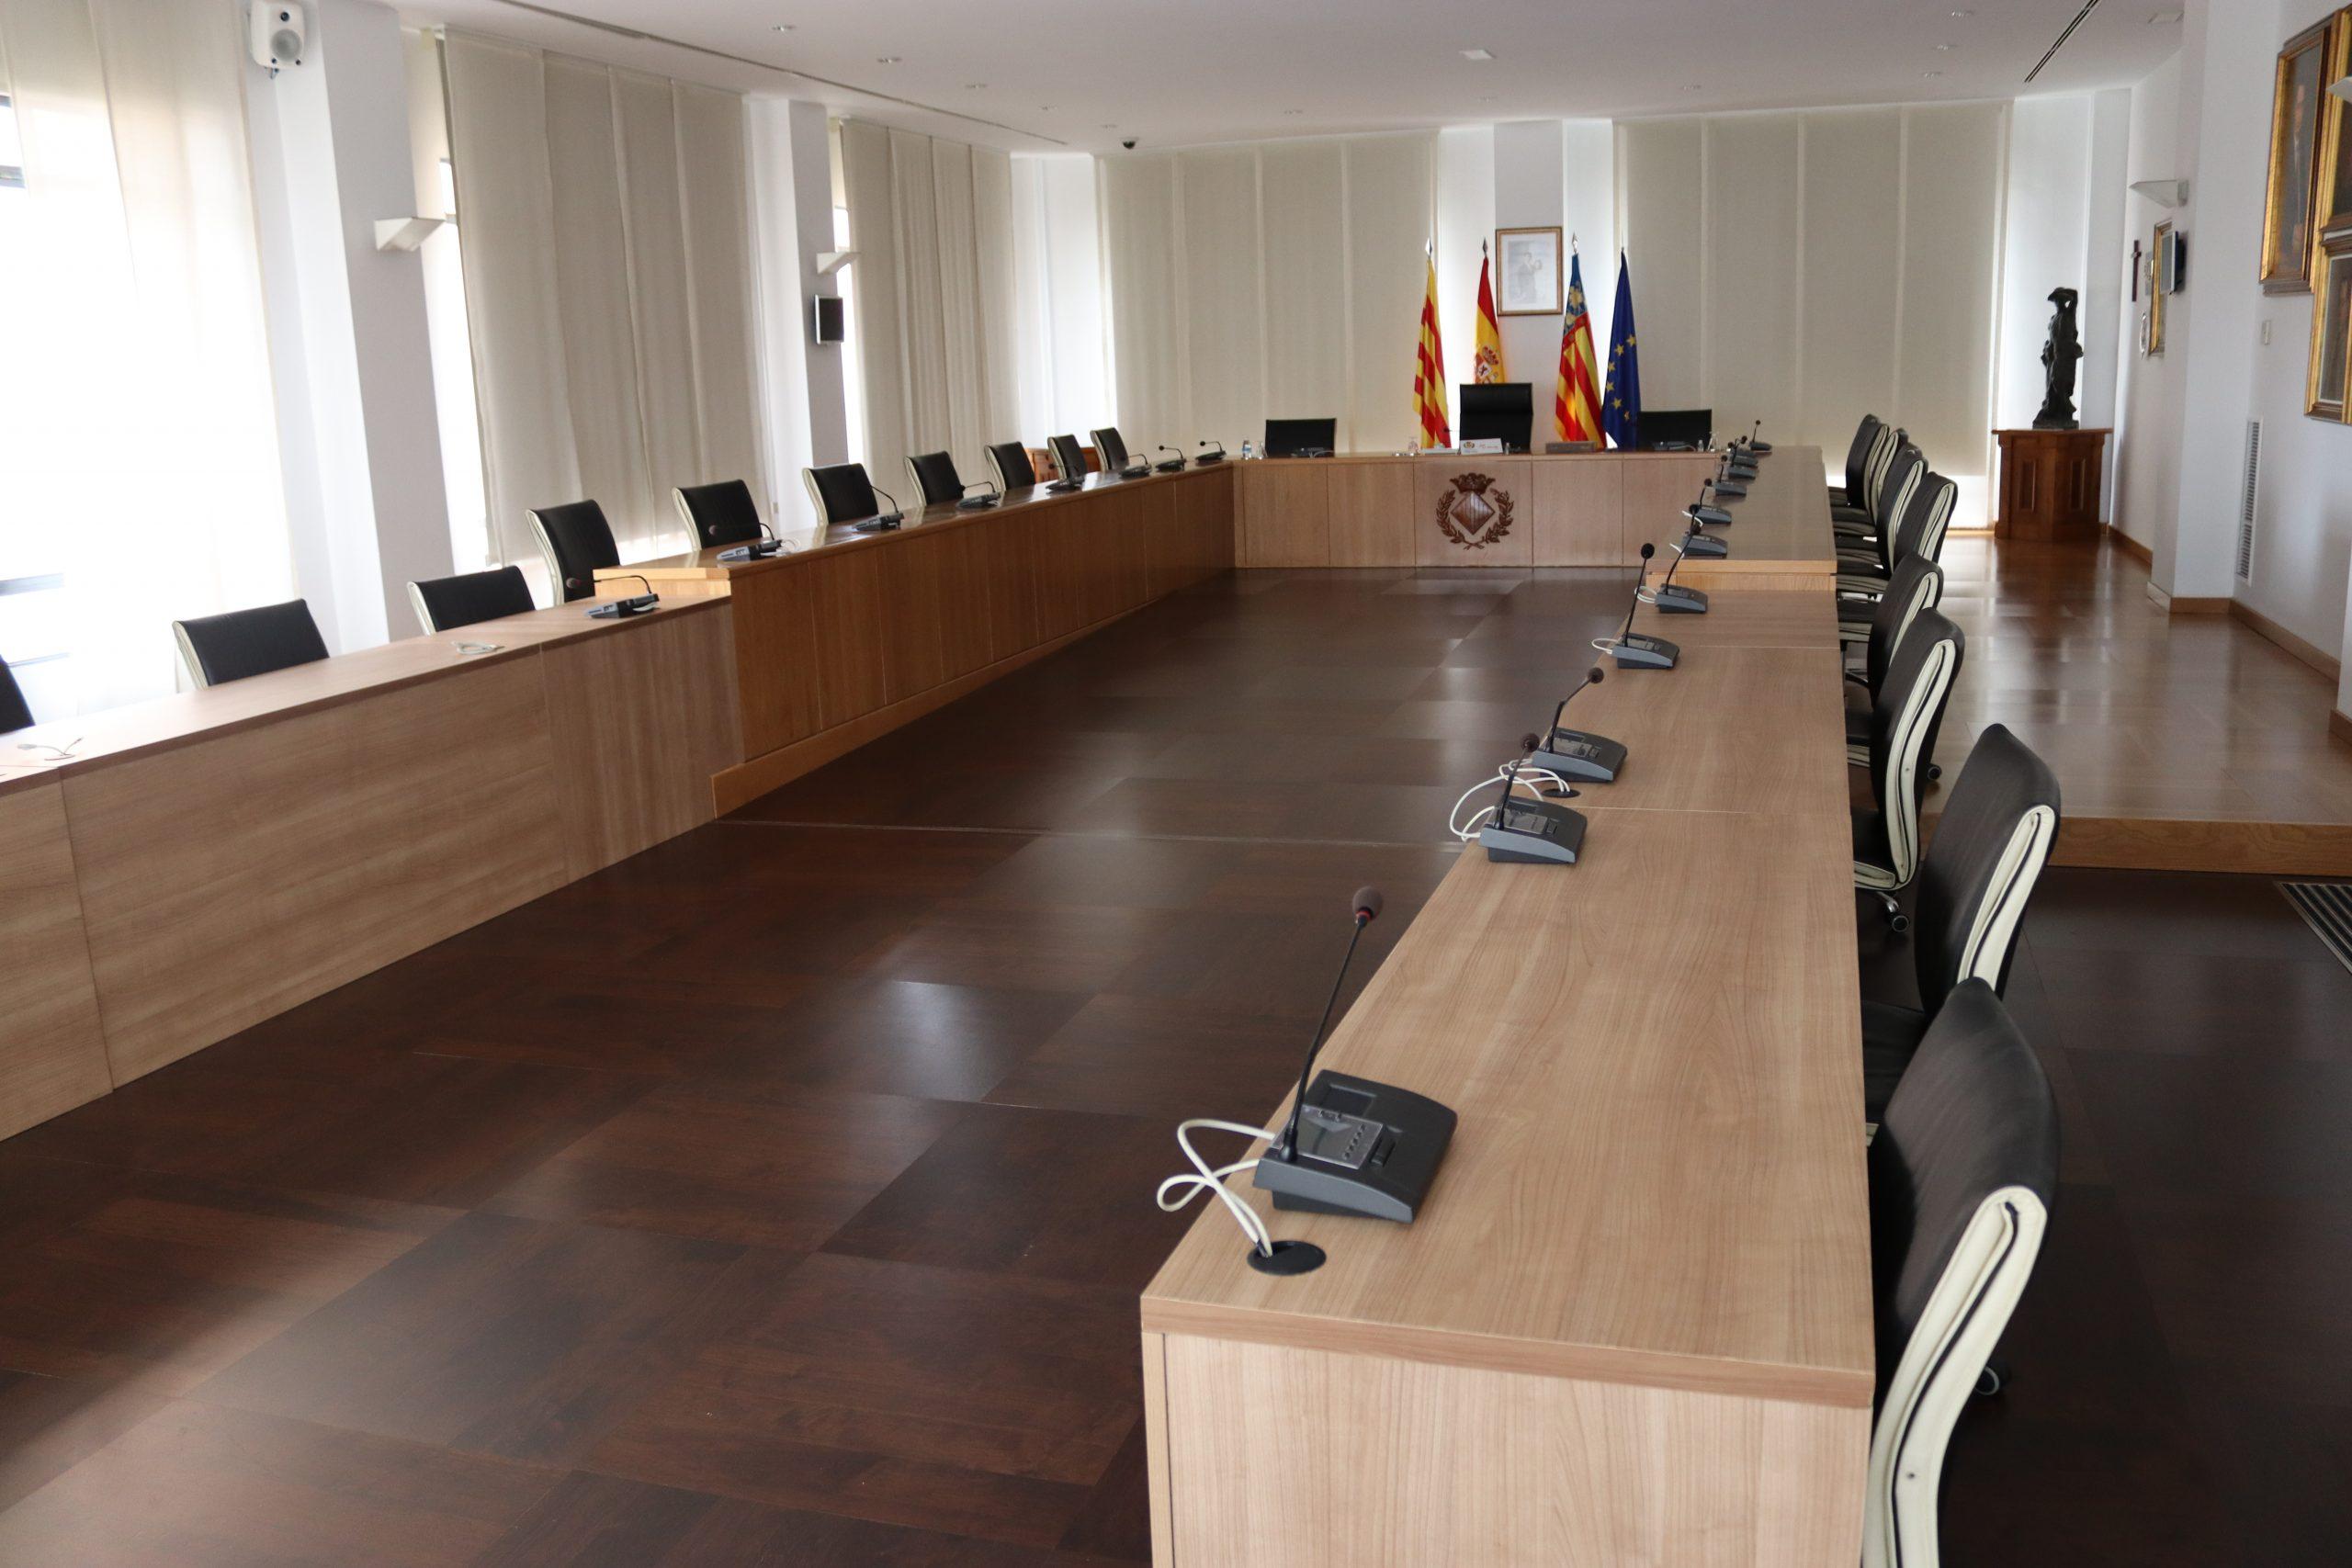 El Ayuntamiento de Vila-real retoma este mes los plenos presenciales con distancia de seguridad y limitación de aforo